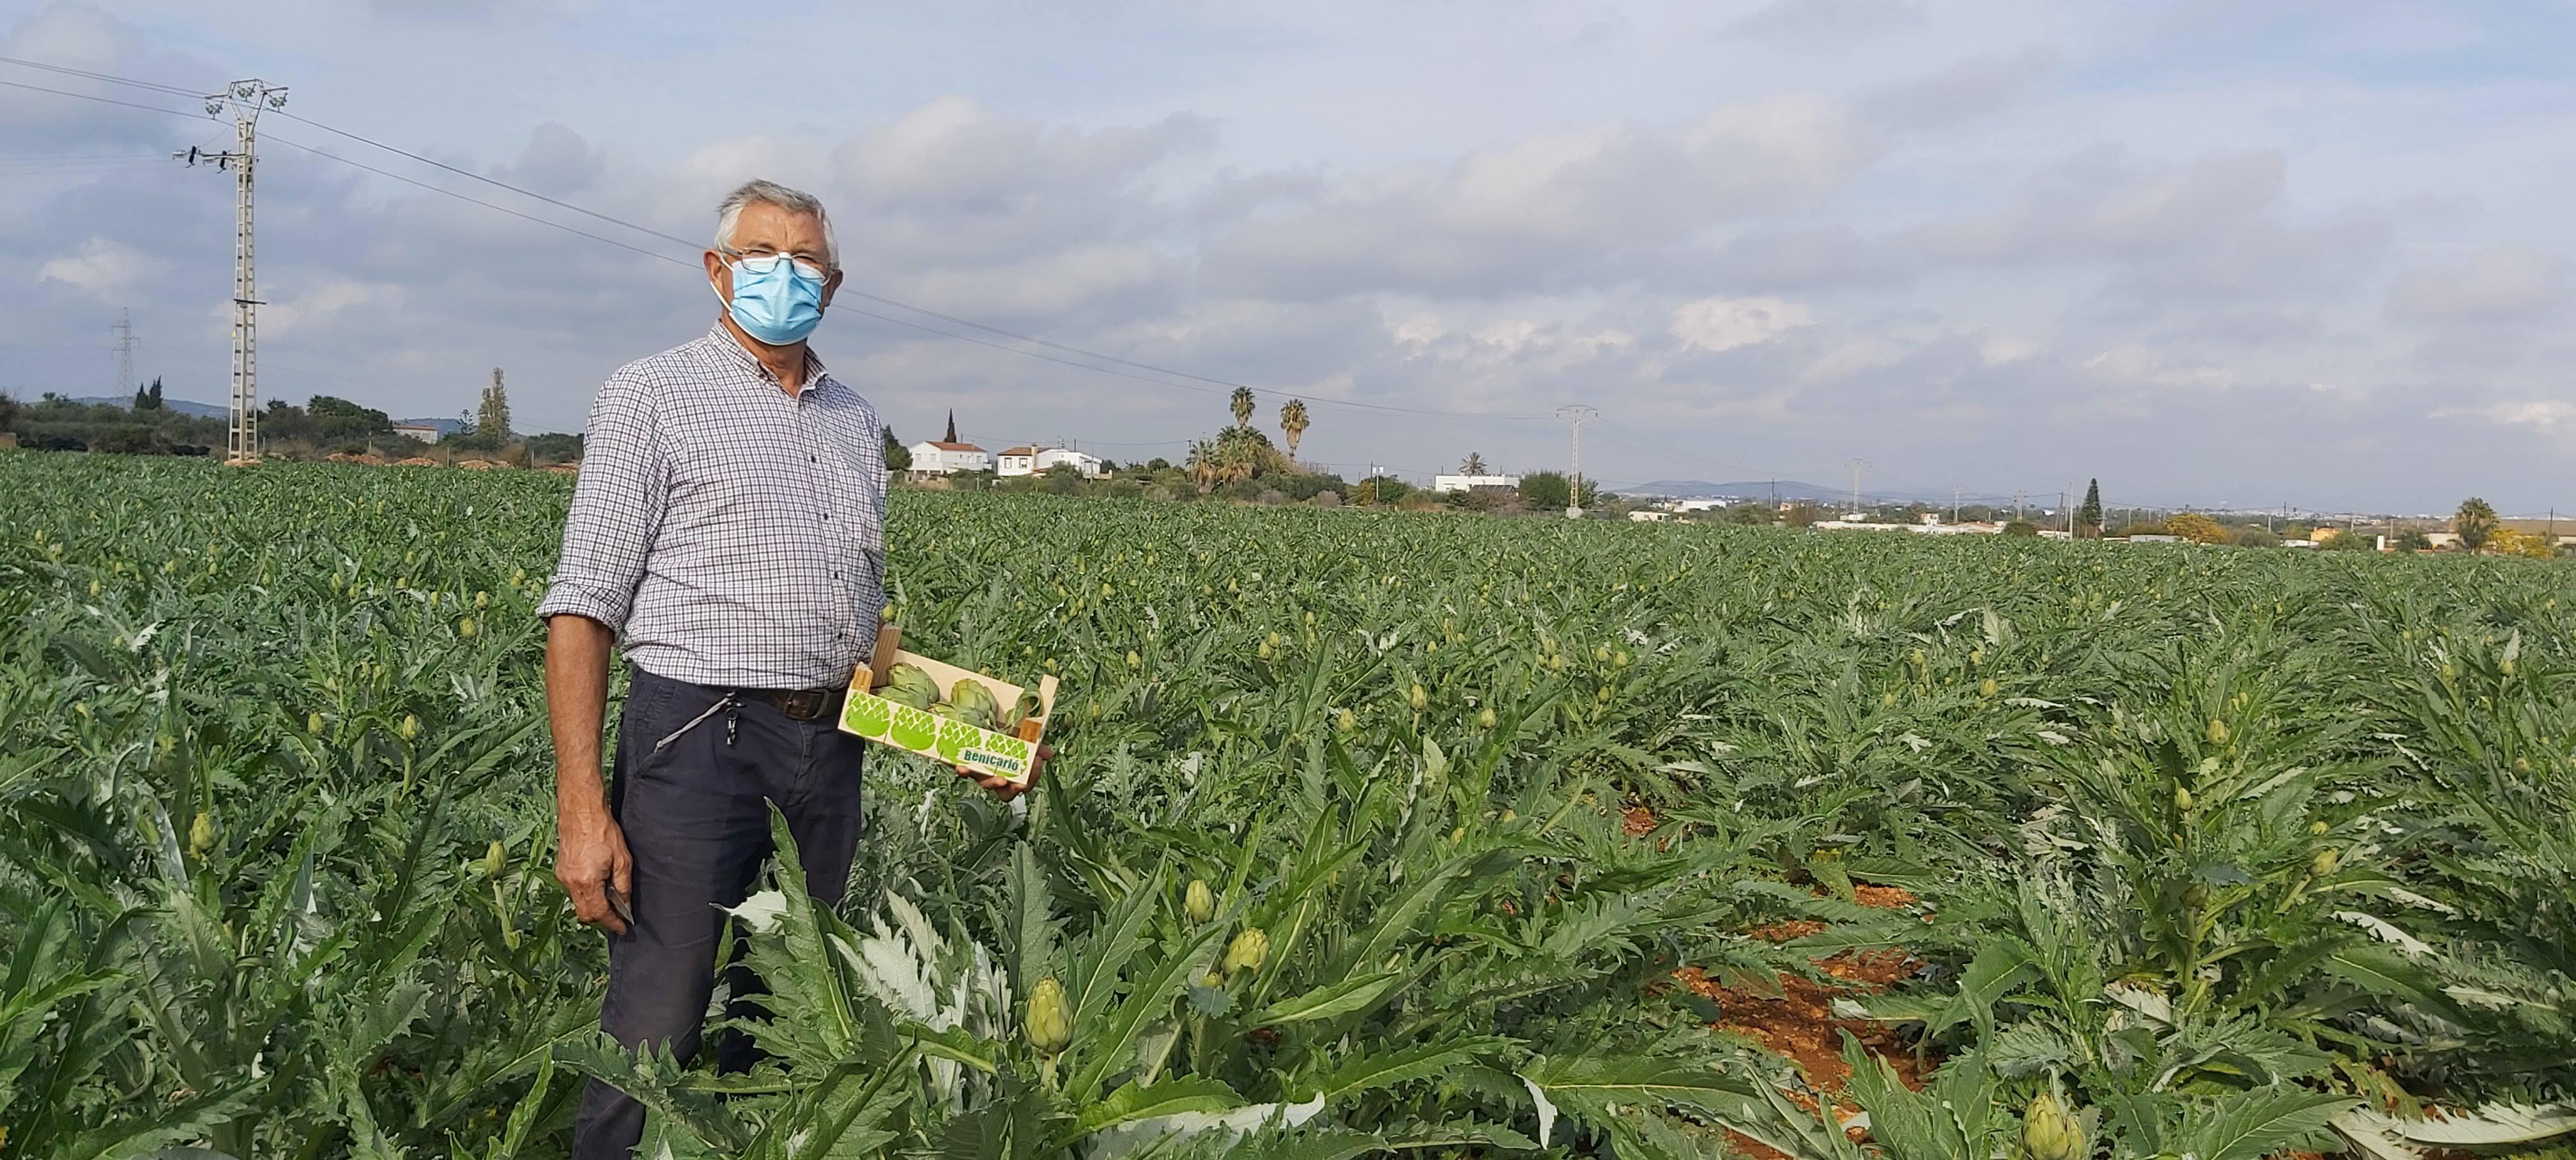 El CRDOP Carxofa de Benicarló espera una bona campanya tant en qualitat com en demanda